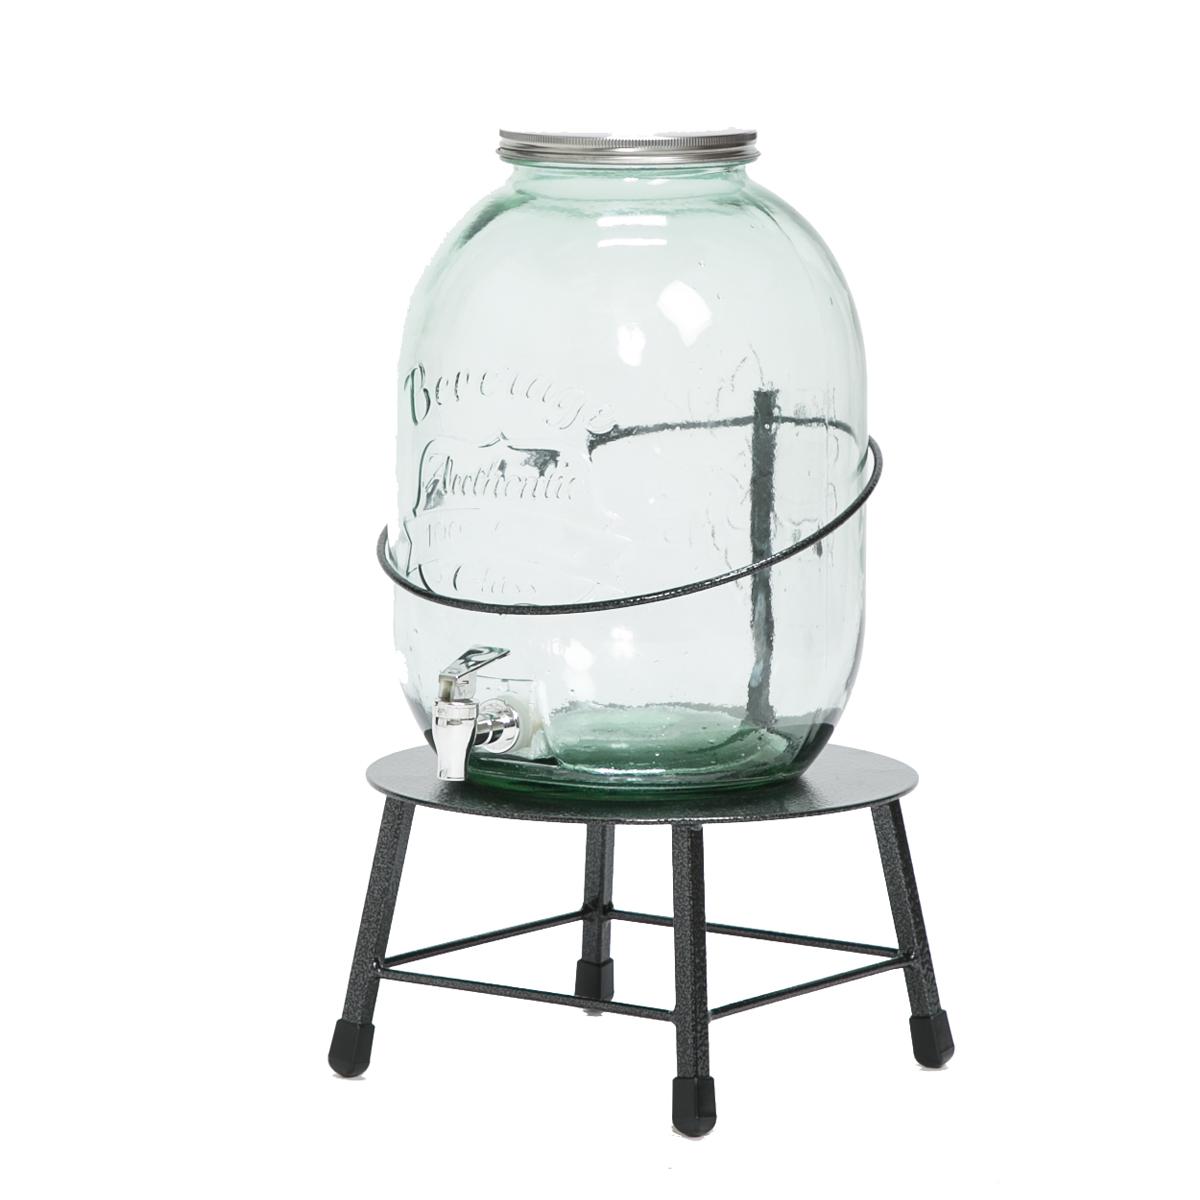 『Accent+ ドリンクサーバー Low』 おしゃれ ドリンクディスペンサー ガラス ブルー 果実酒 日本製 ふた付き スタンド 透明 フルーツブランデー ジュースサーバー ウォーターサーバー 蛇口 丸底 アイアン スタンド付き スタンド 大容量 保存容器 かわいい